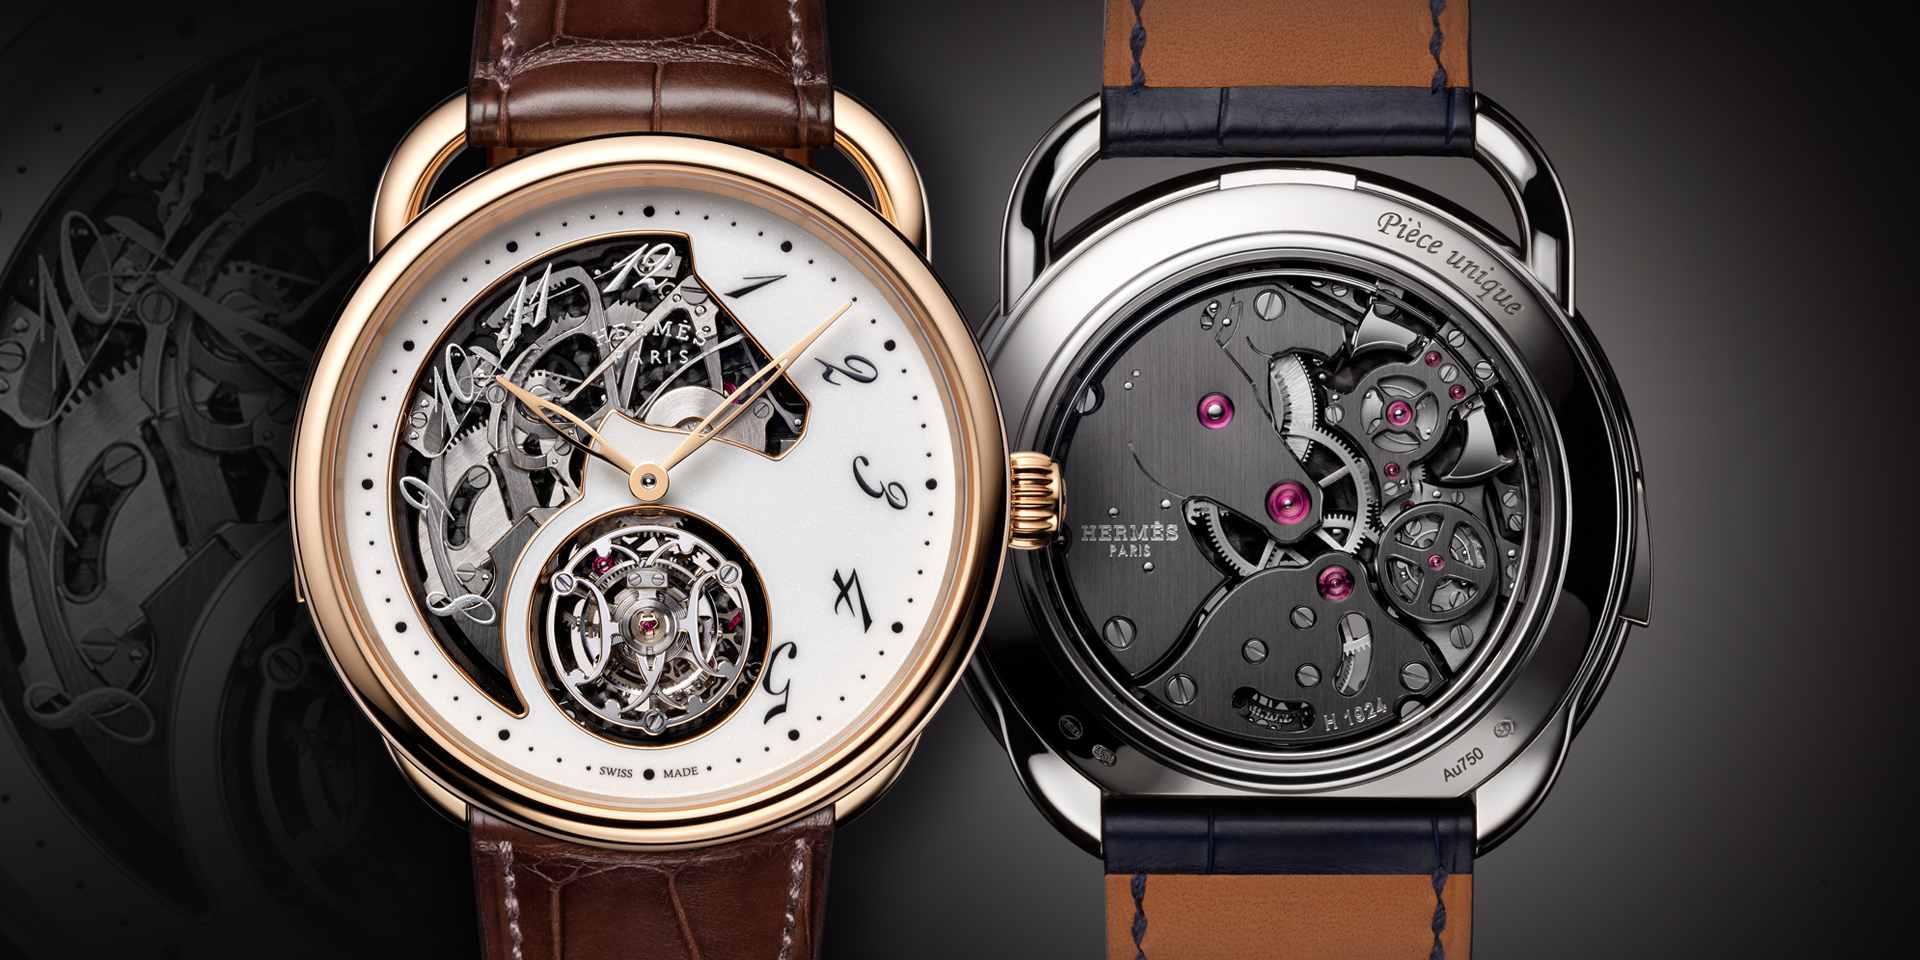 愛馬仕CRAFTING TIME 超凡腕錶展於9 月4至13 日在台北 BELLAVITA 旗艦店舉行